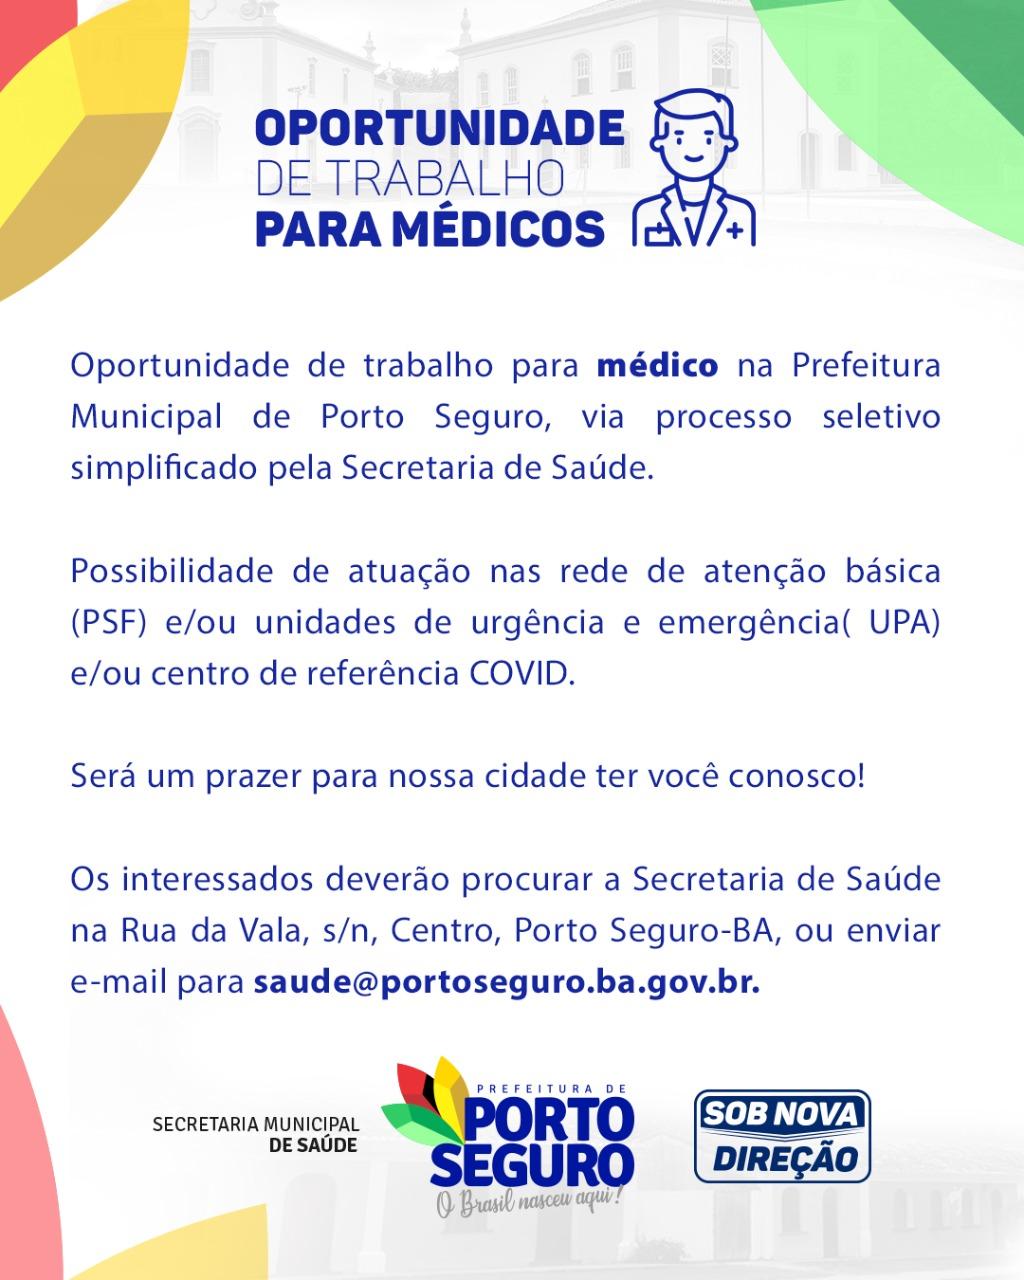 Oportunidade de trabalho para médicos processo seletivo simplificado pela secretaria de Saúde de Porto Seguro. 18